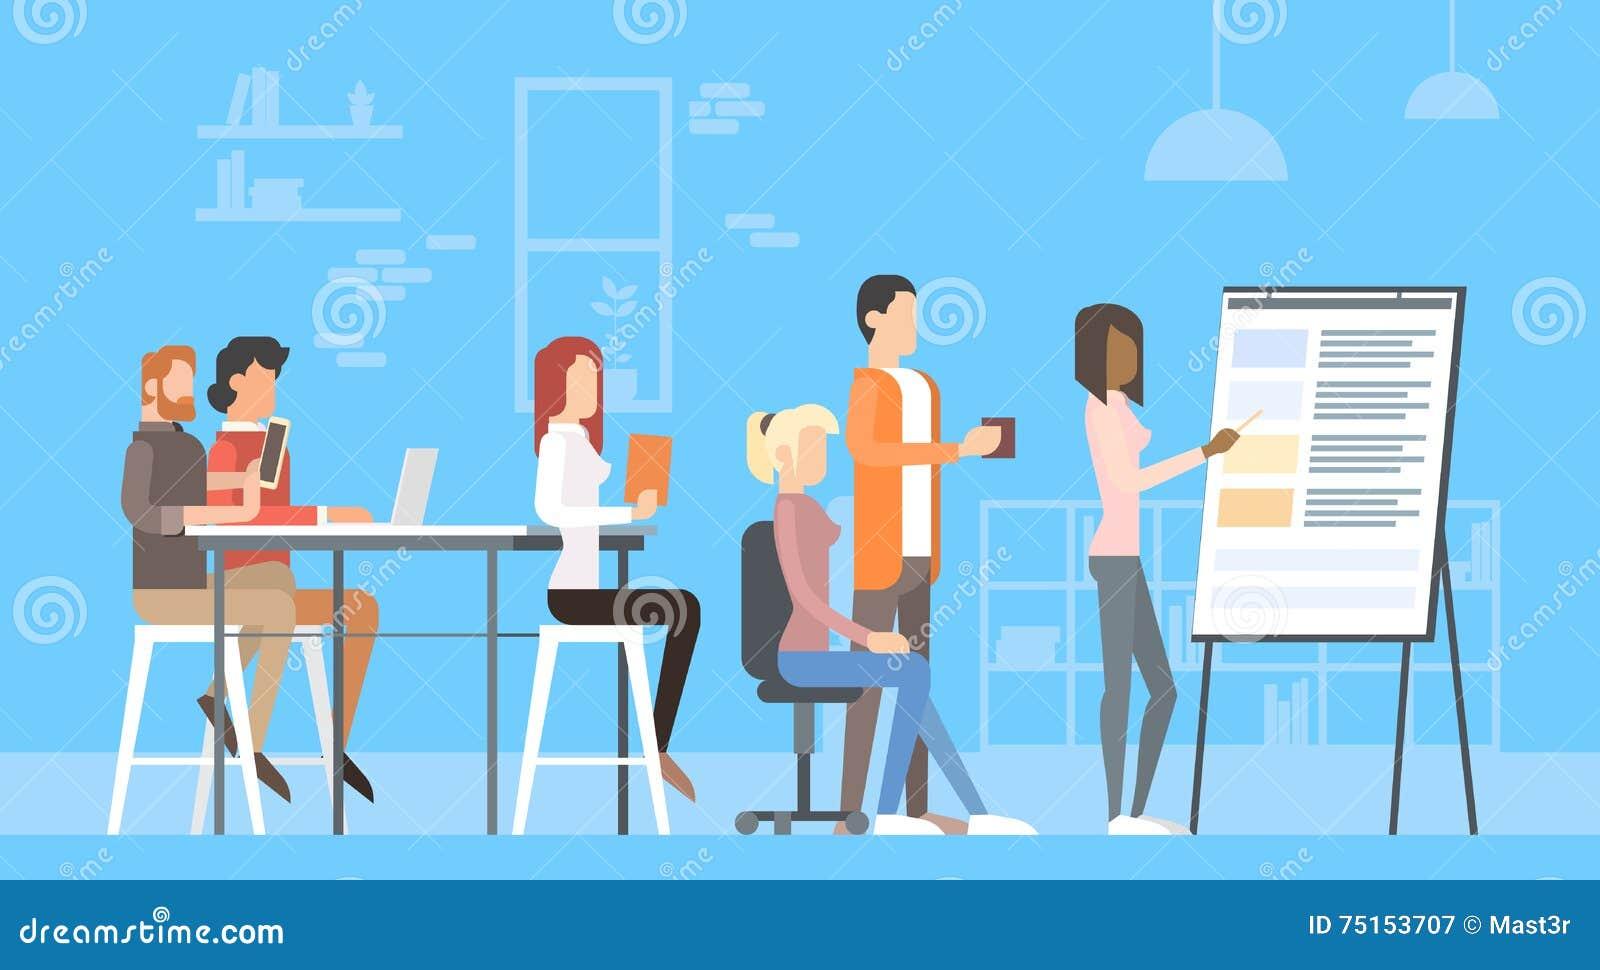 创造性的办公室中心人民坐的书桌运作的介绍活动挂图,训练大学的学生